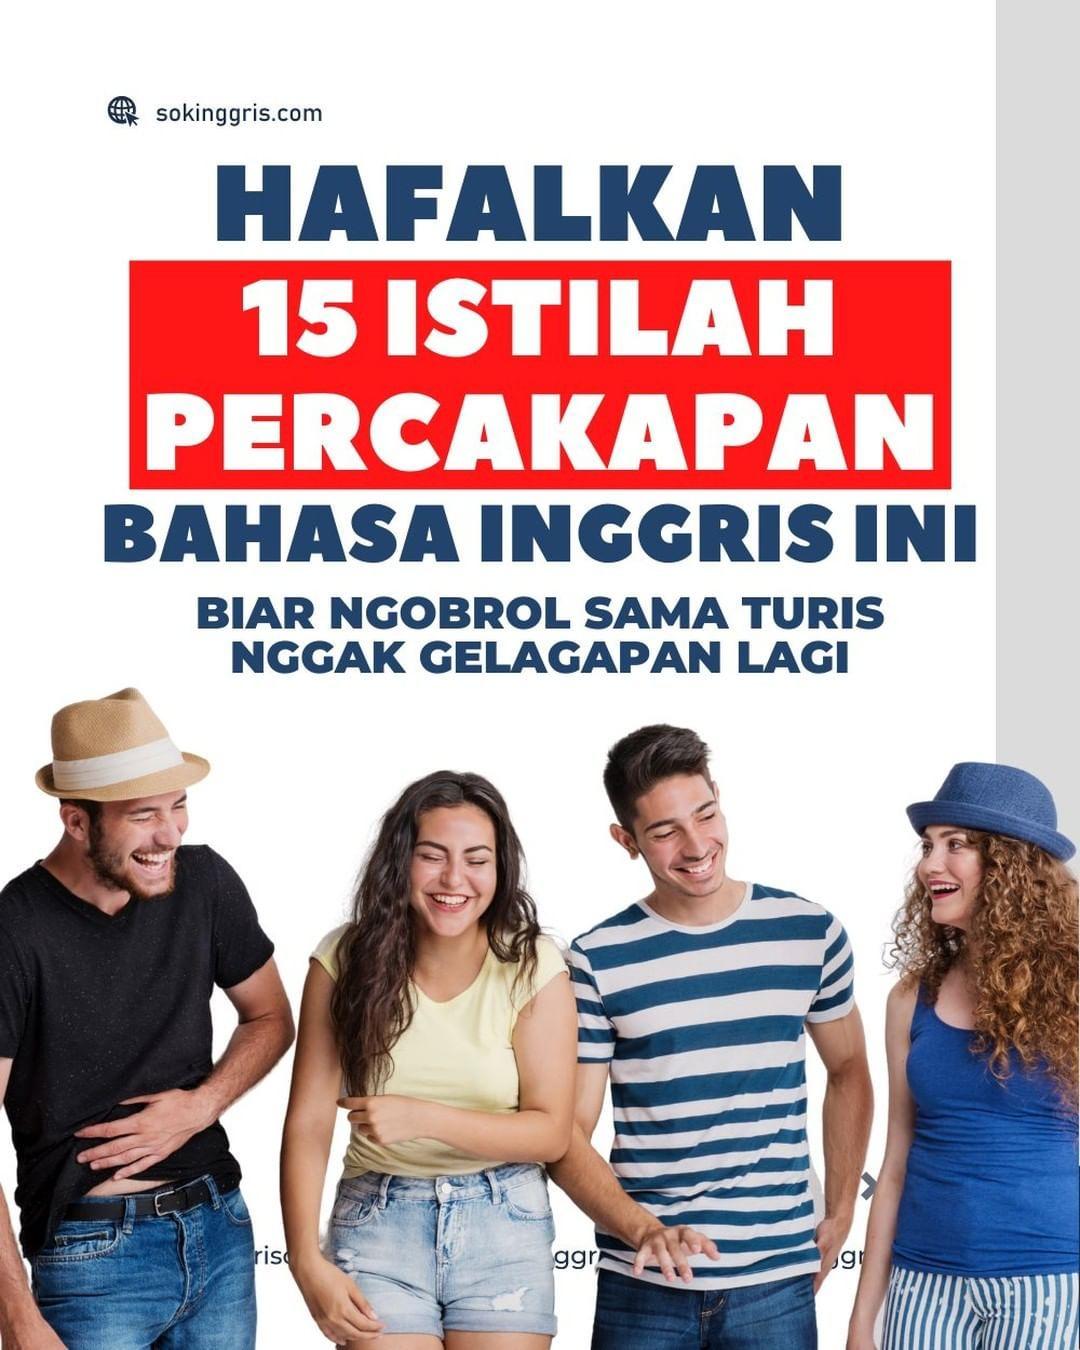 Hafalkan 15 Istilah Percakapan Bahasa Inggris Ini Bahasa Inggris Bahasa Hafalan